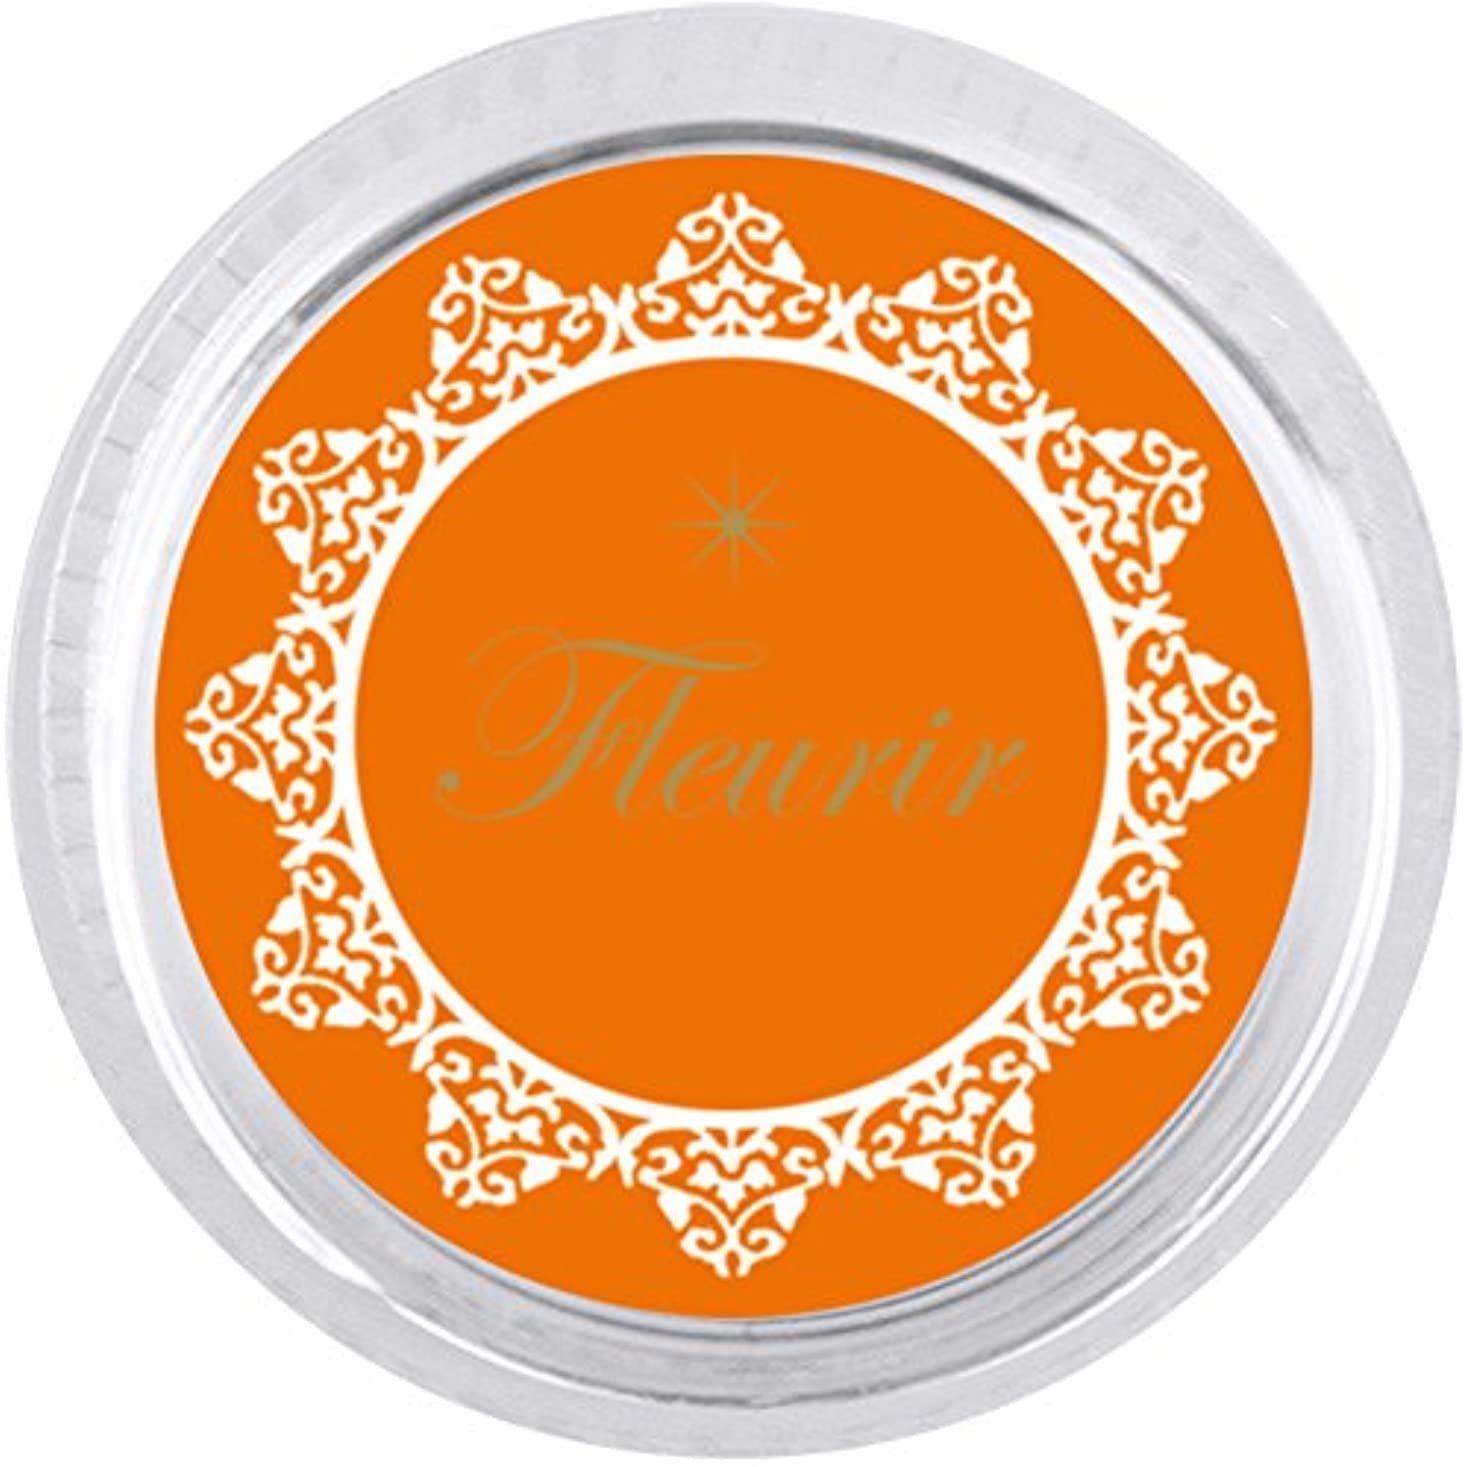 ポテト継続中適格カラーパウダー オレンジ